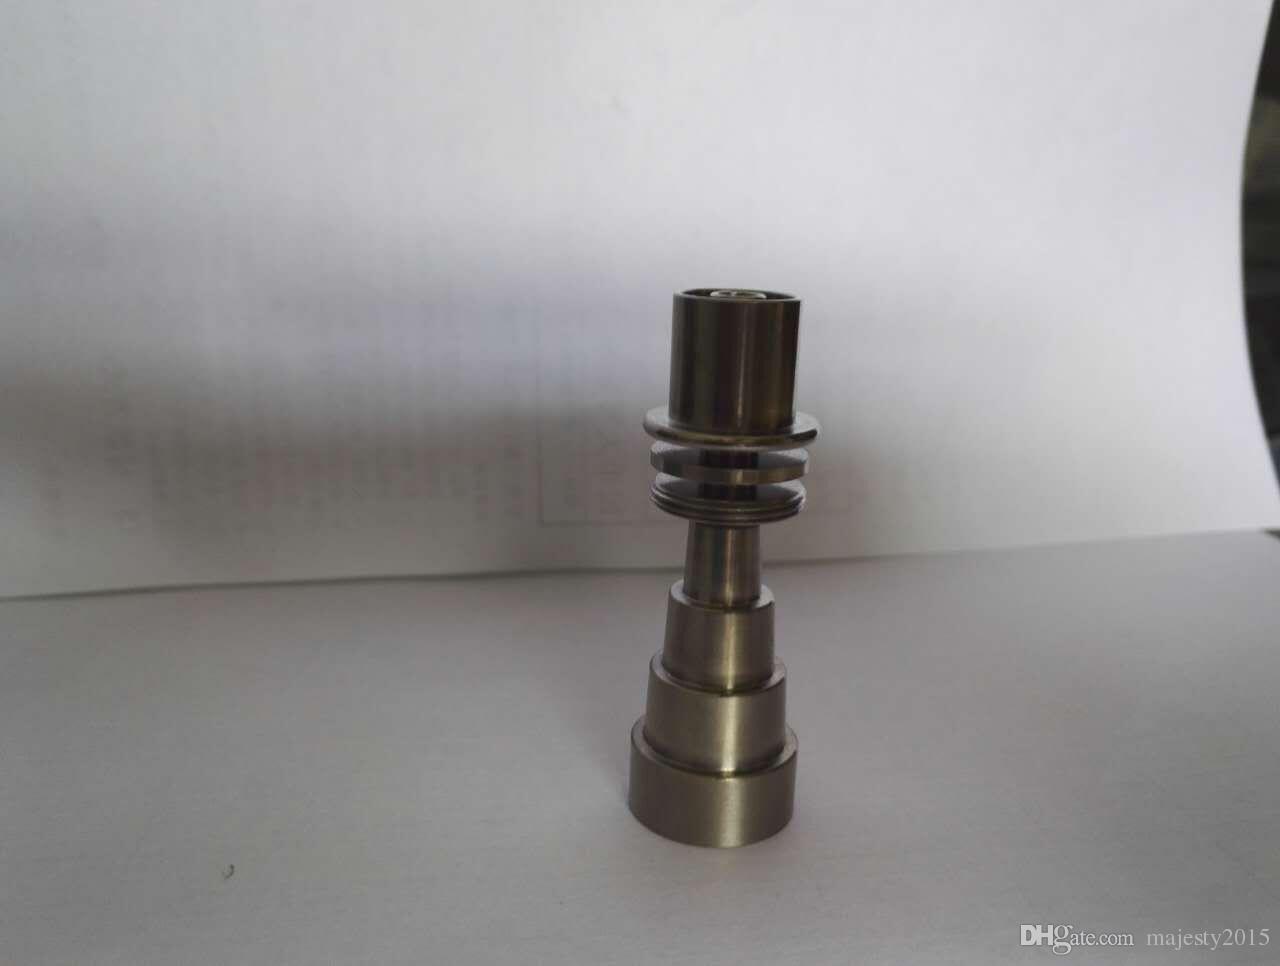 El clavo de titanio sin precio de 16 mm al por mayor se ajusta a las articulaciones masculinas y femeninas y se adapta a todos los kits Majesty e / dnail